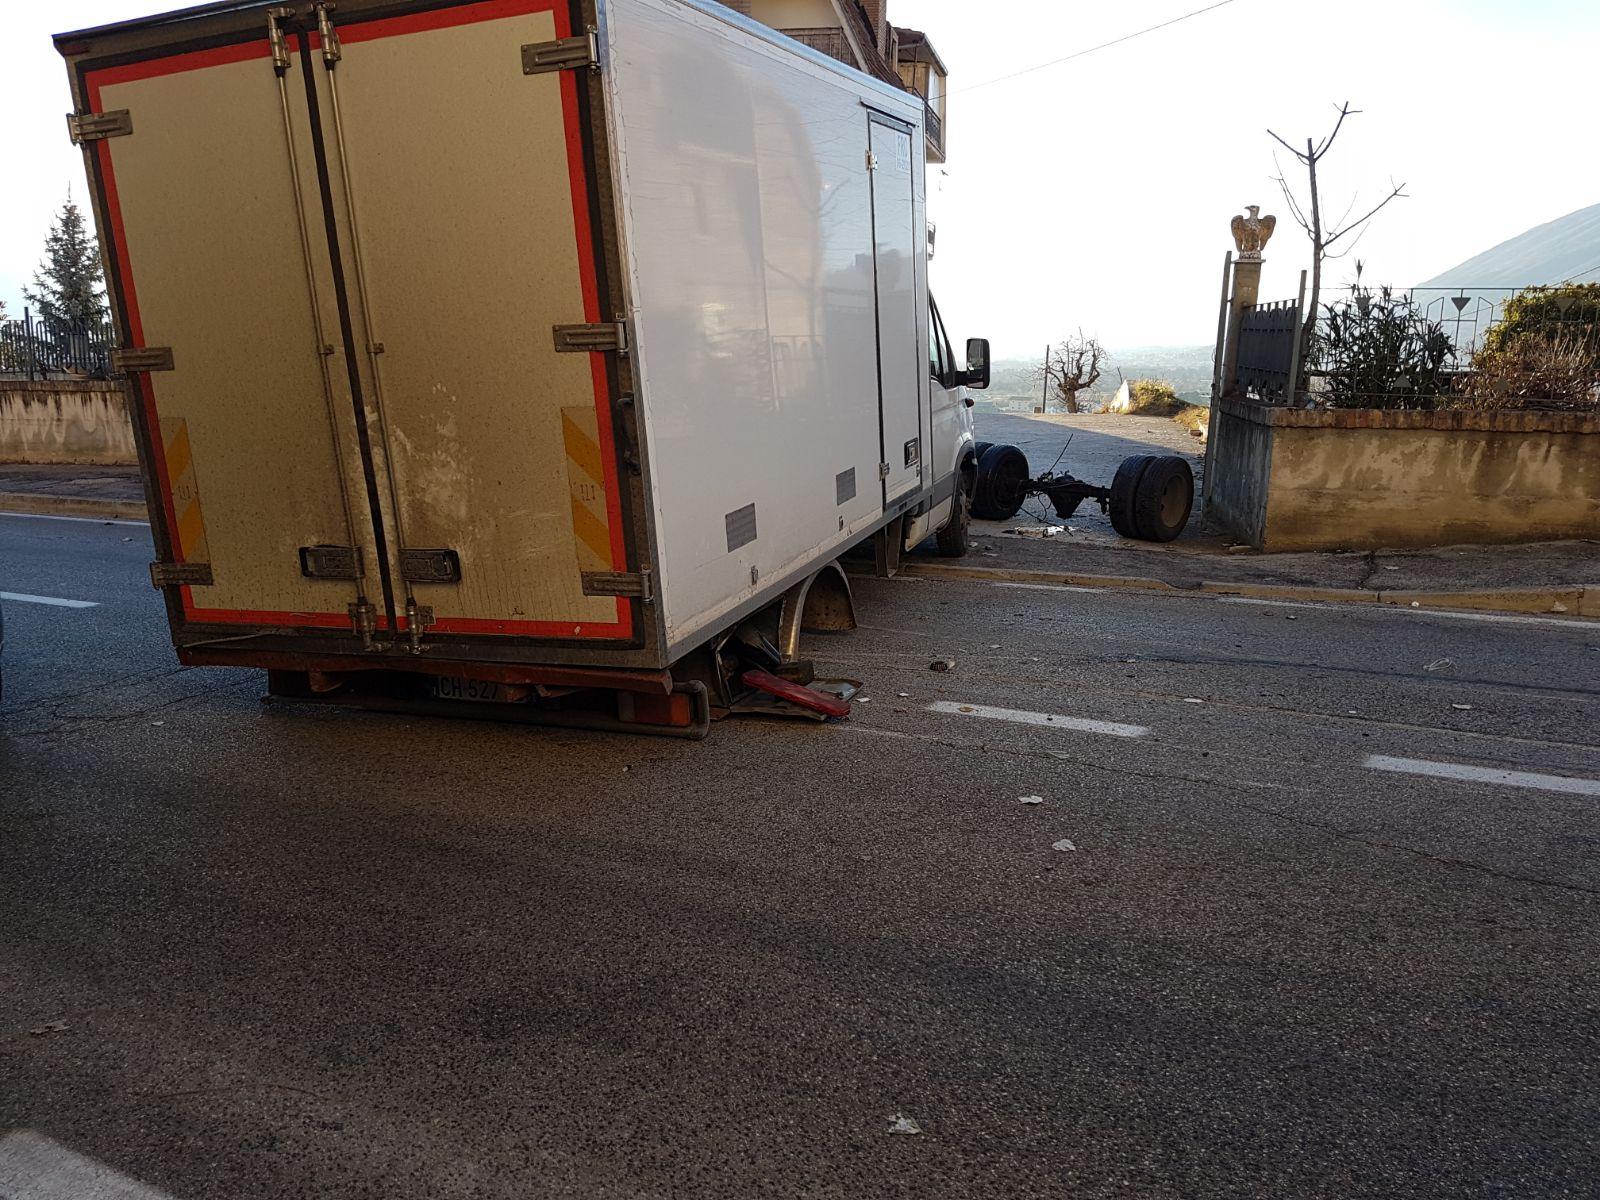 Camion attraversa un dosso e si rompe   FOTO